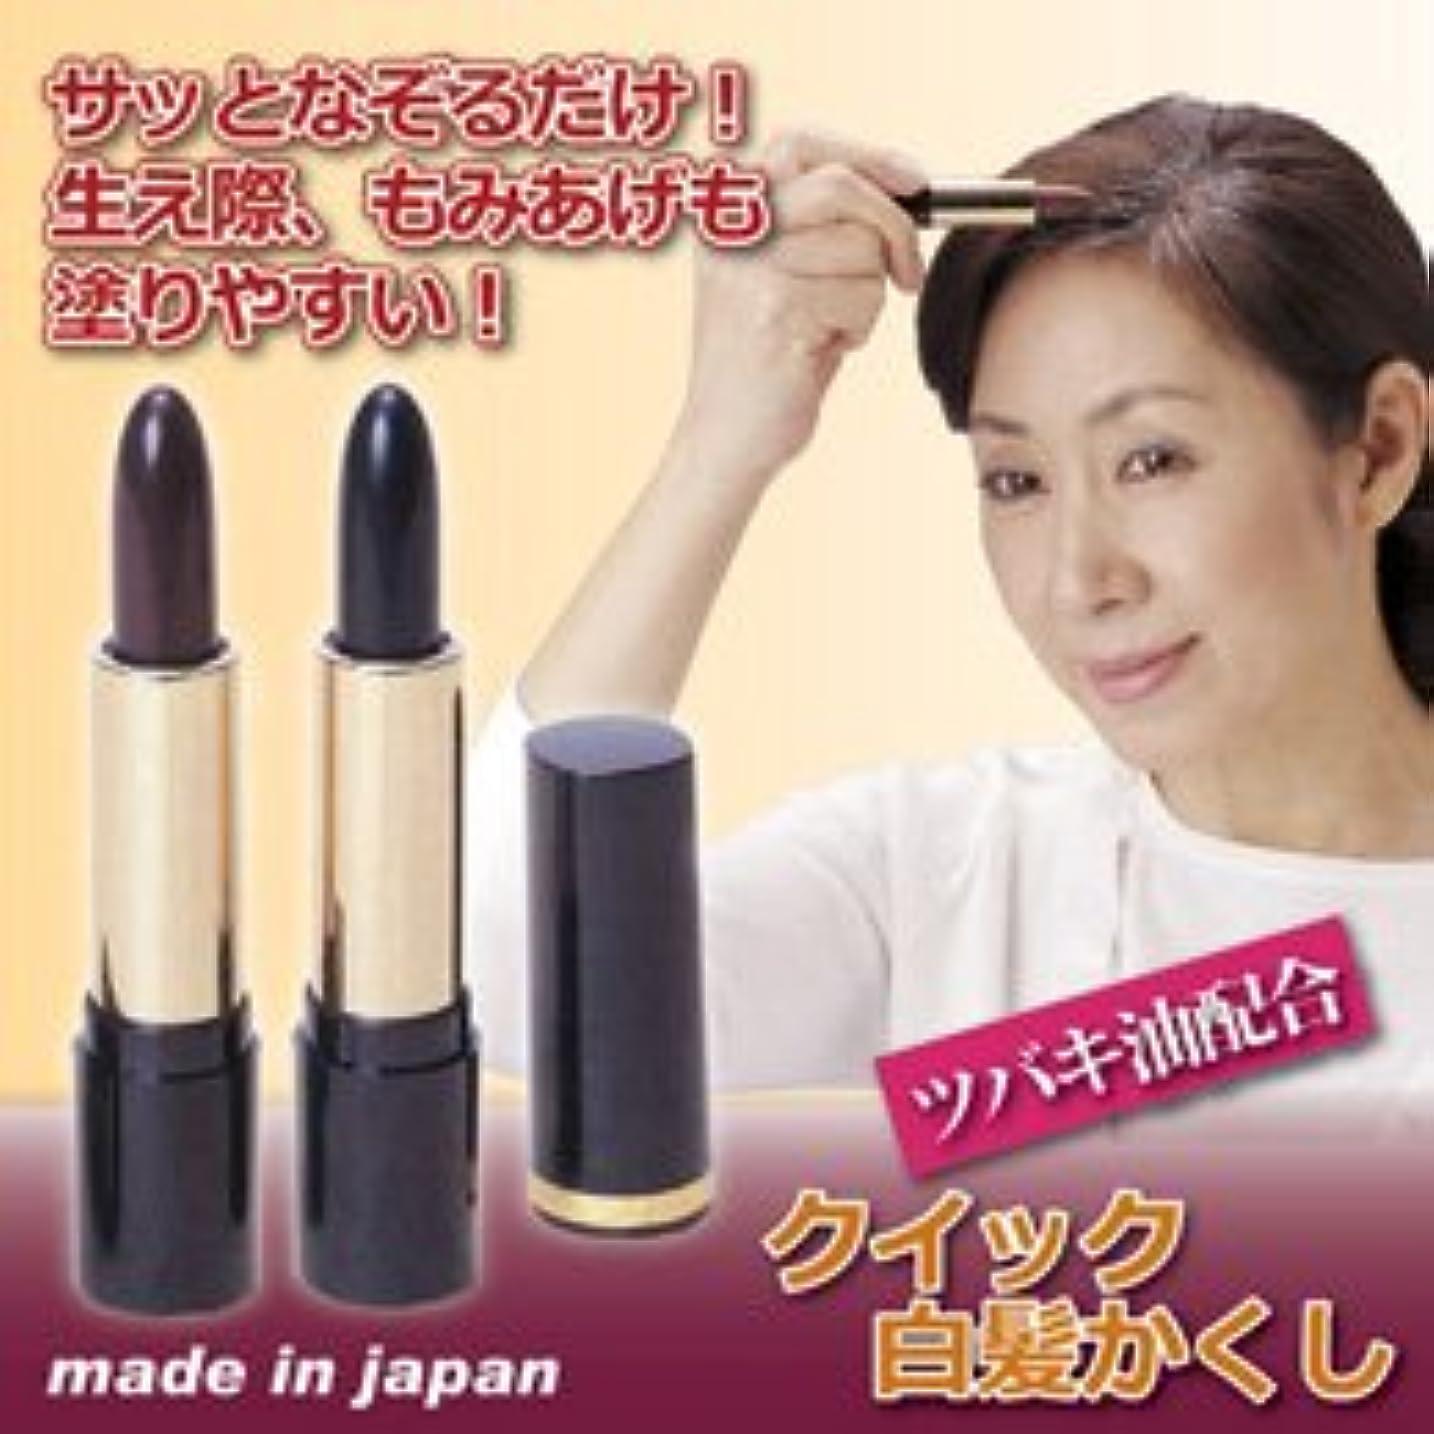 ラケットアクセントの中で大阪化粧品 クイック白髪かくし ブラウン 8078232